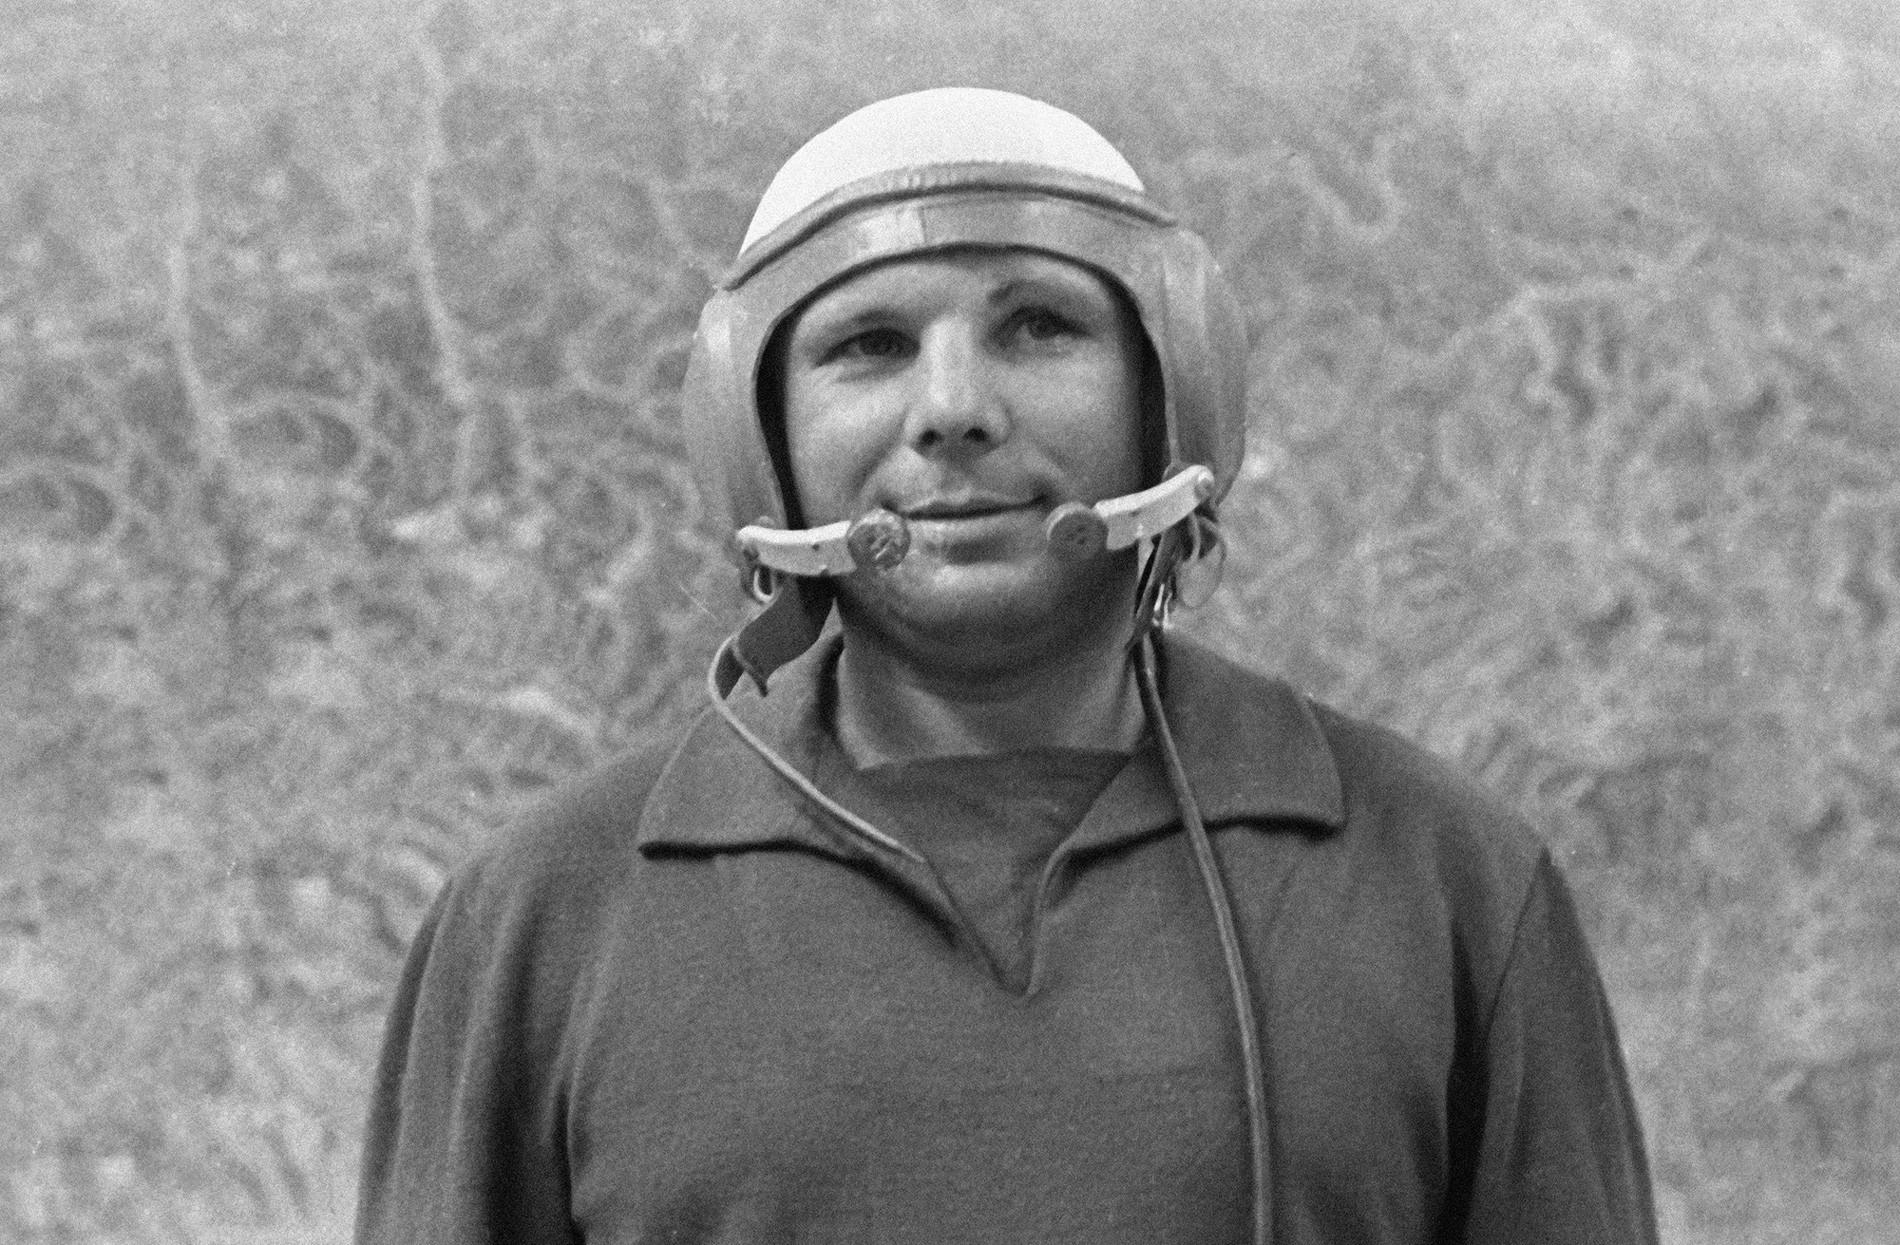 Gagarin dipersiapkan untuk misi ruang angkasa selanjutnya, tetapi tewas dalam latihan terbang rutin.